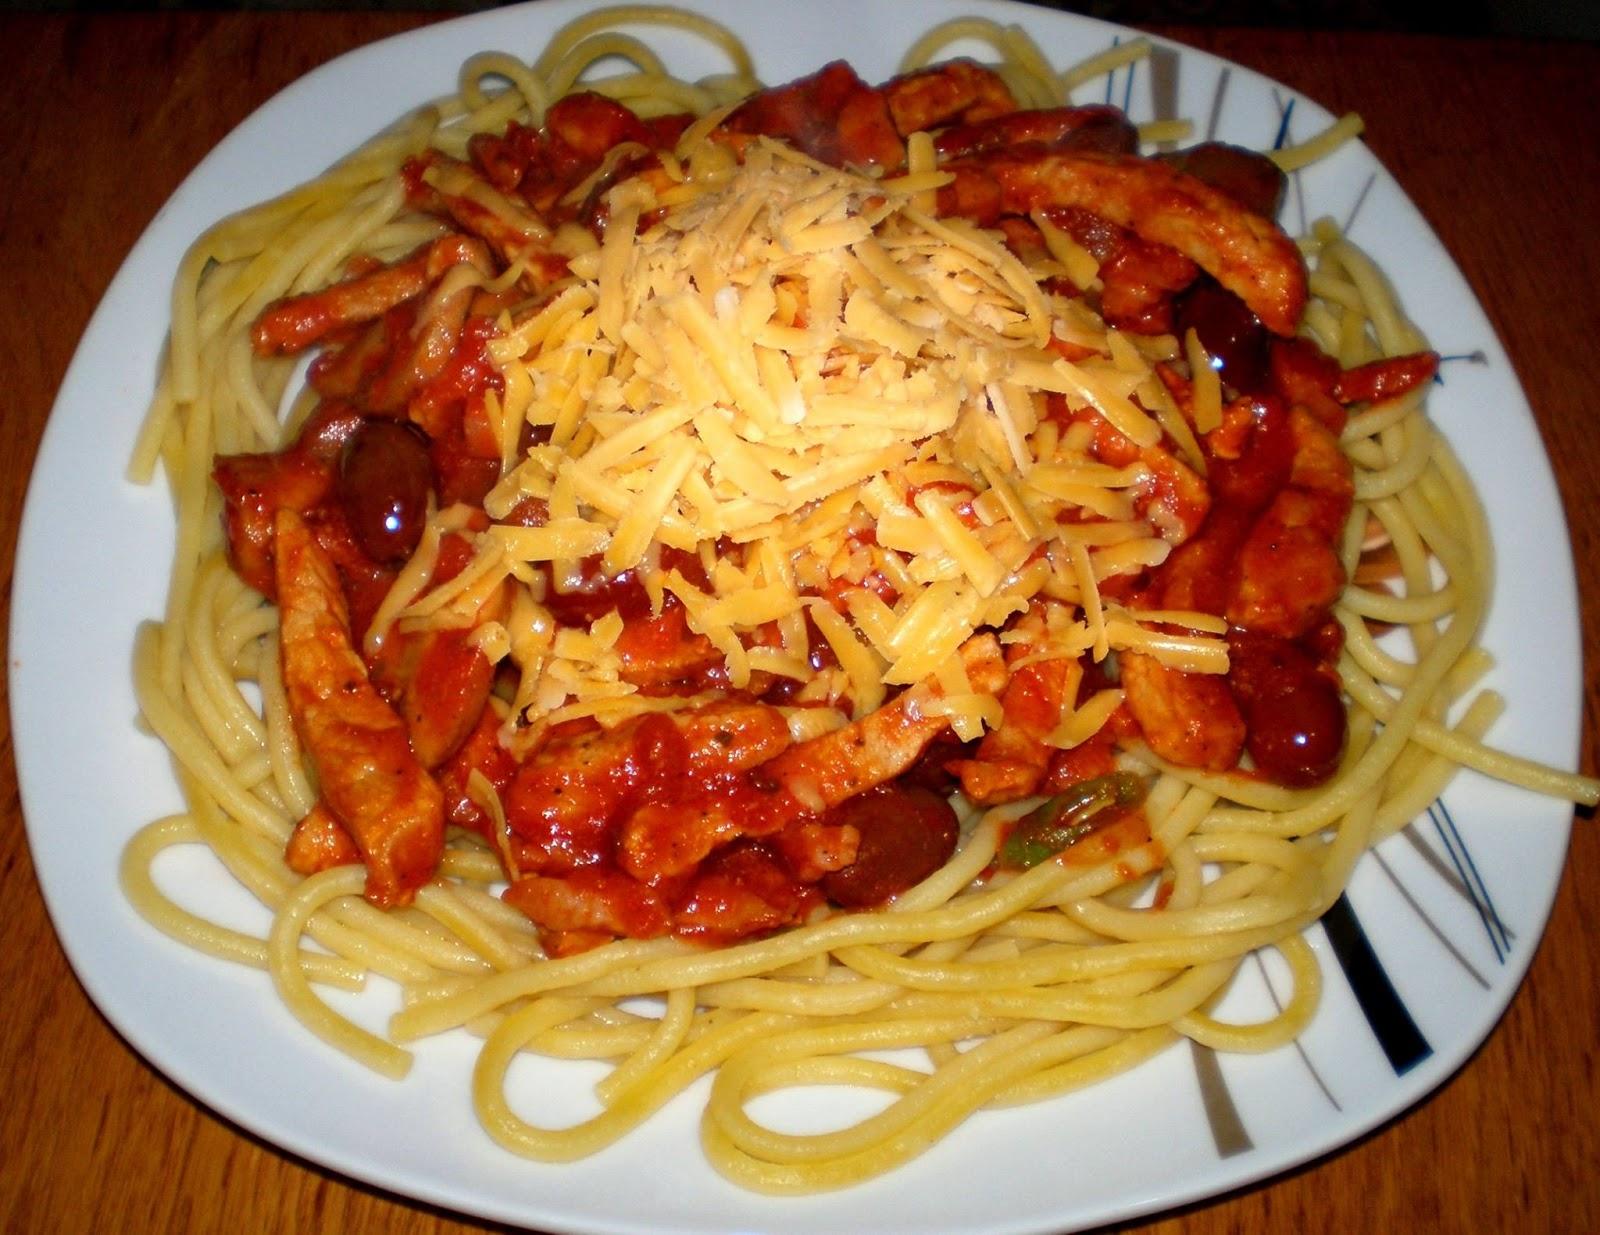 Spaghetti cu carne de porc, suc de roșii și brânză Cheddar răzuită